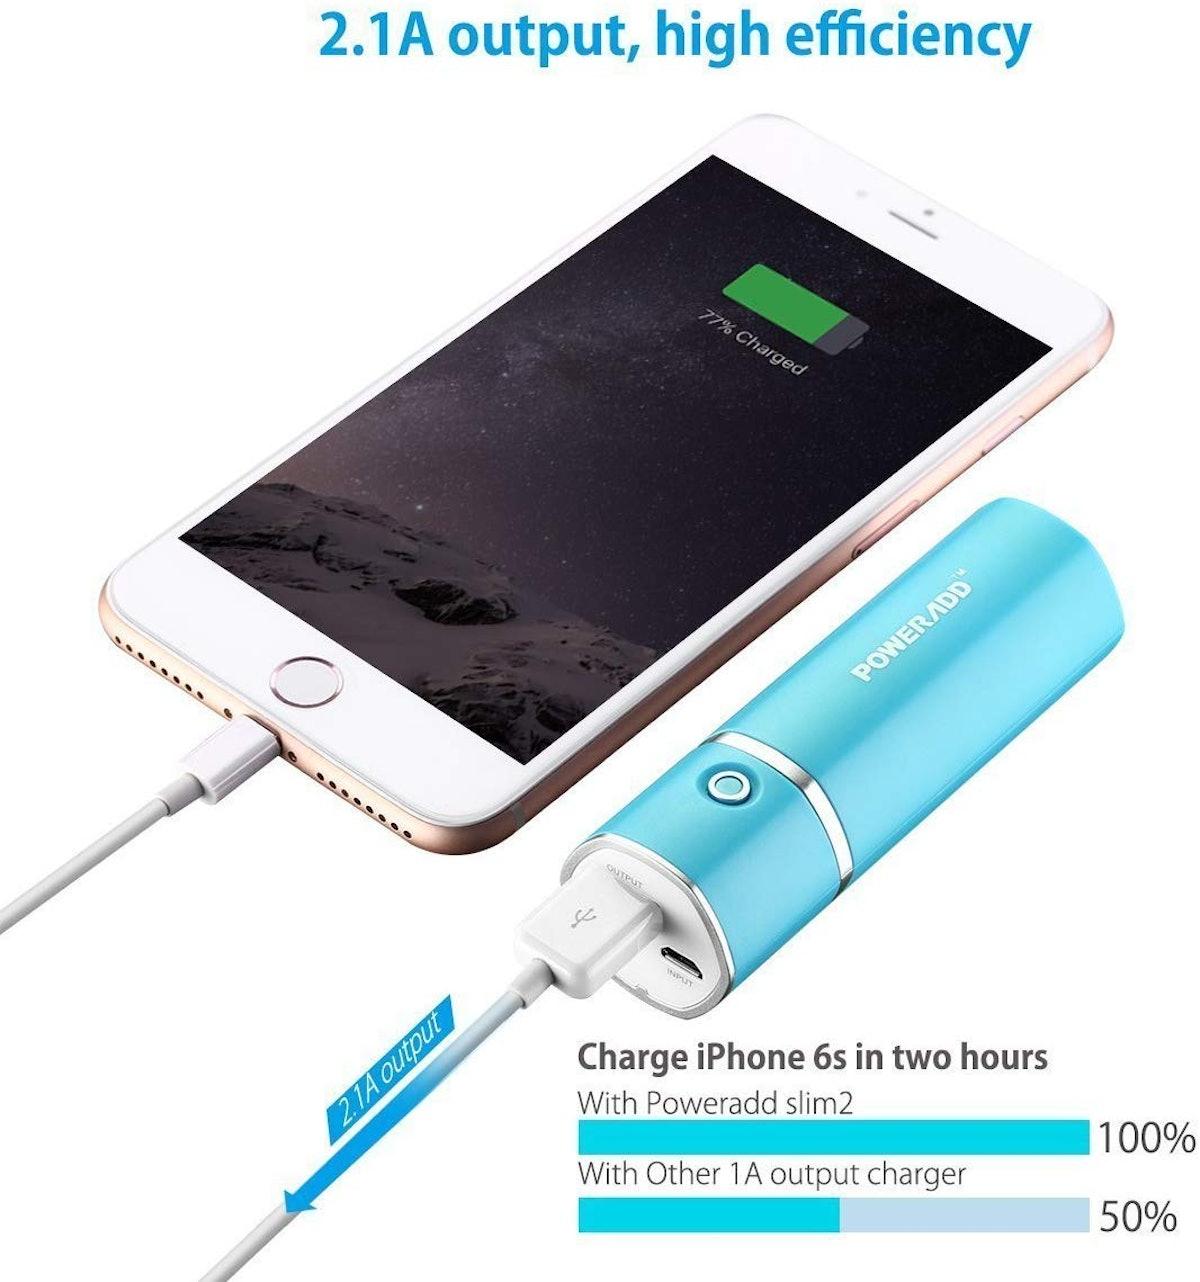 POWERADD Slim 2 Compact External Battery